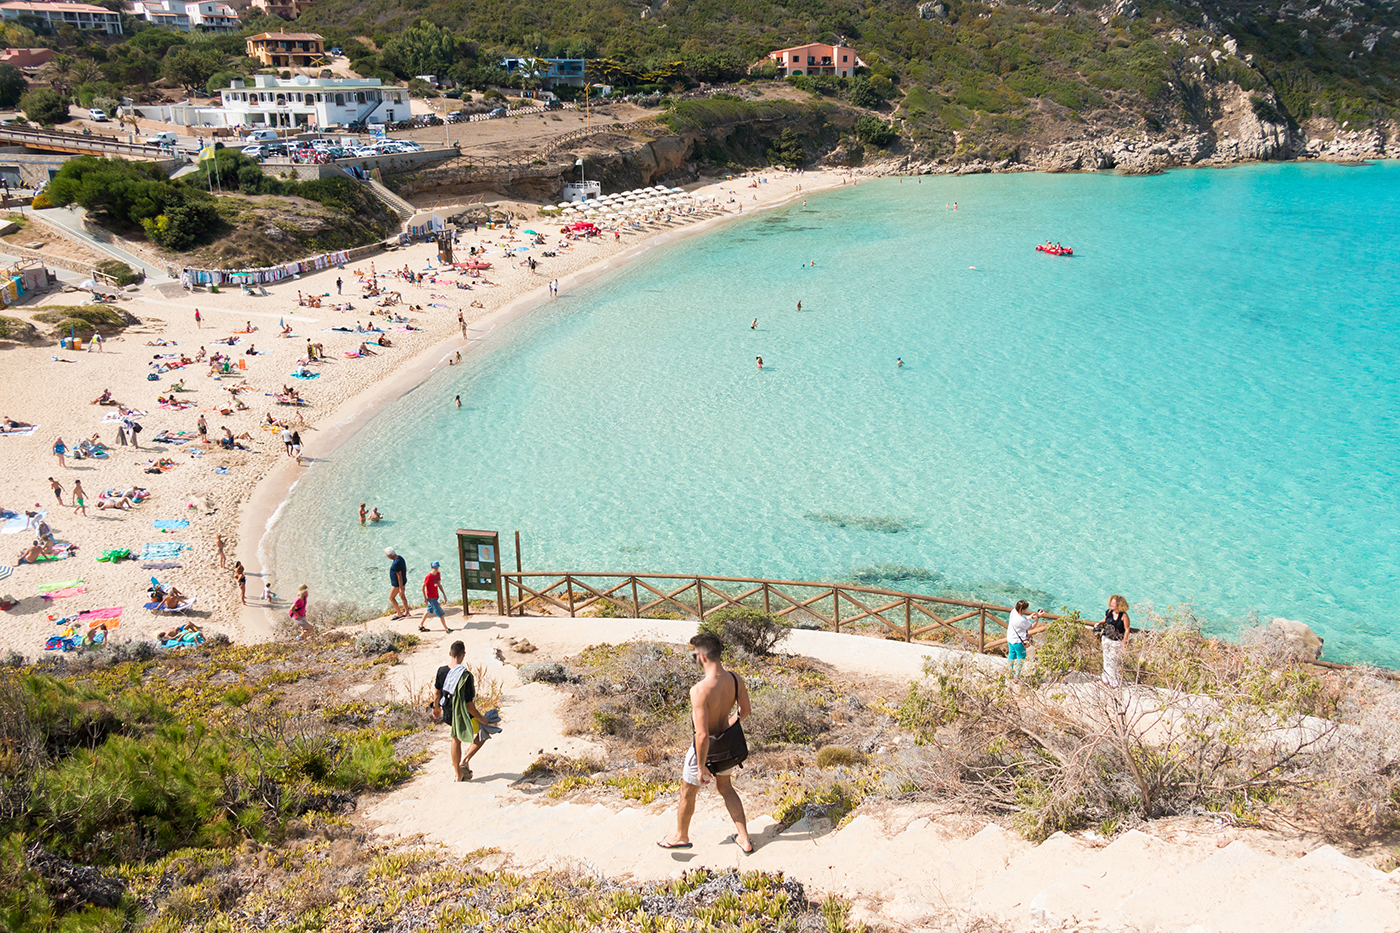 Spiaggia di Rena Bianca - Sardinië